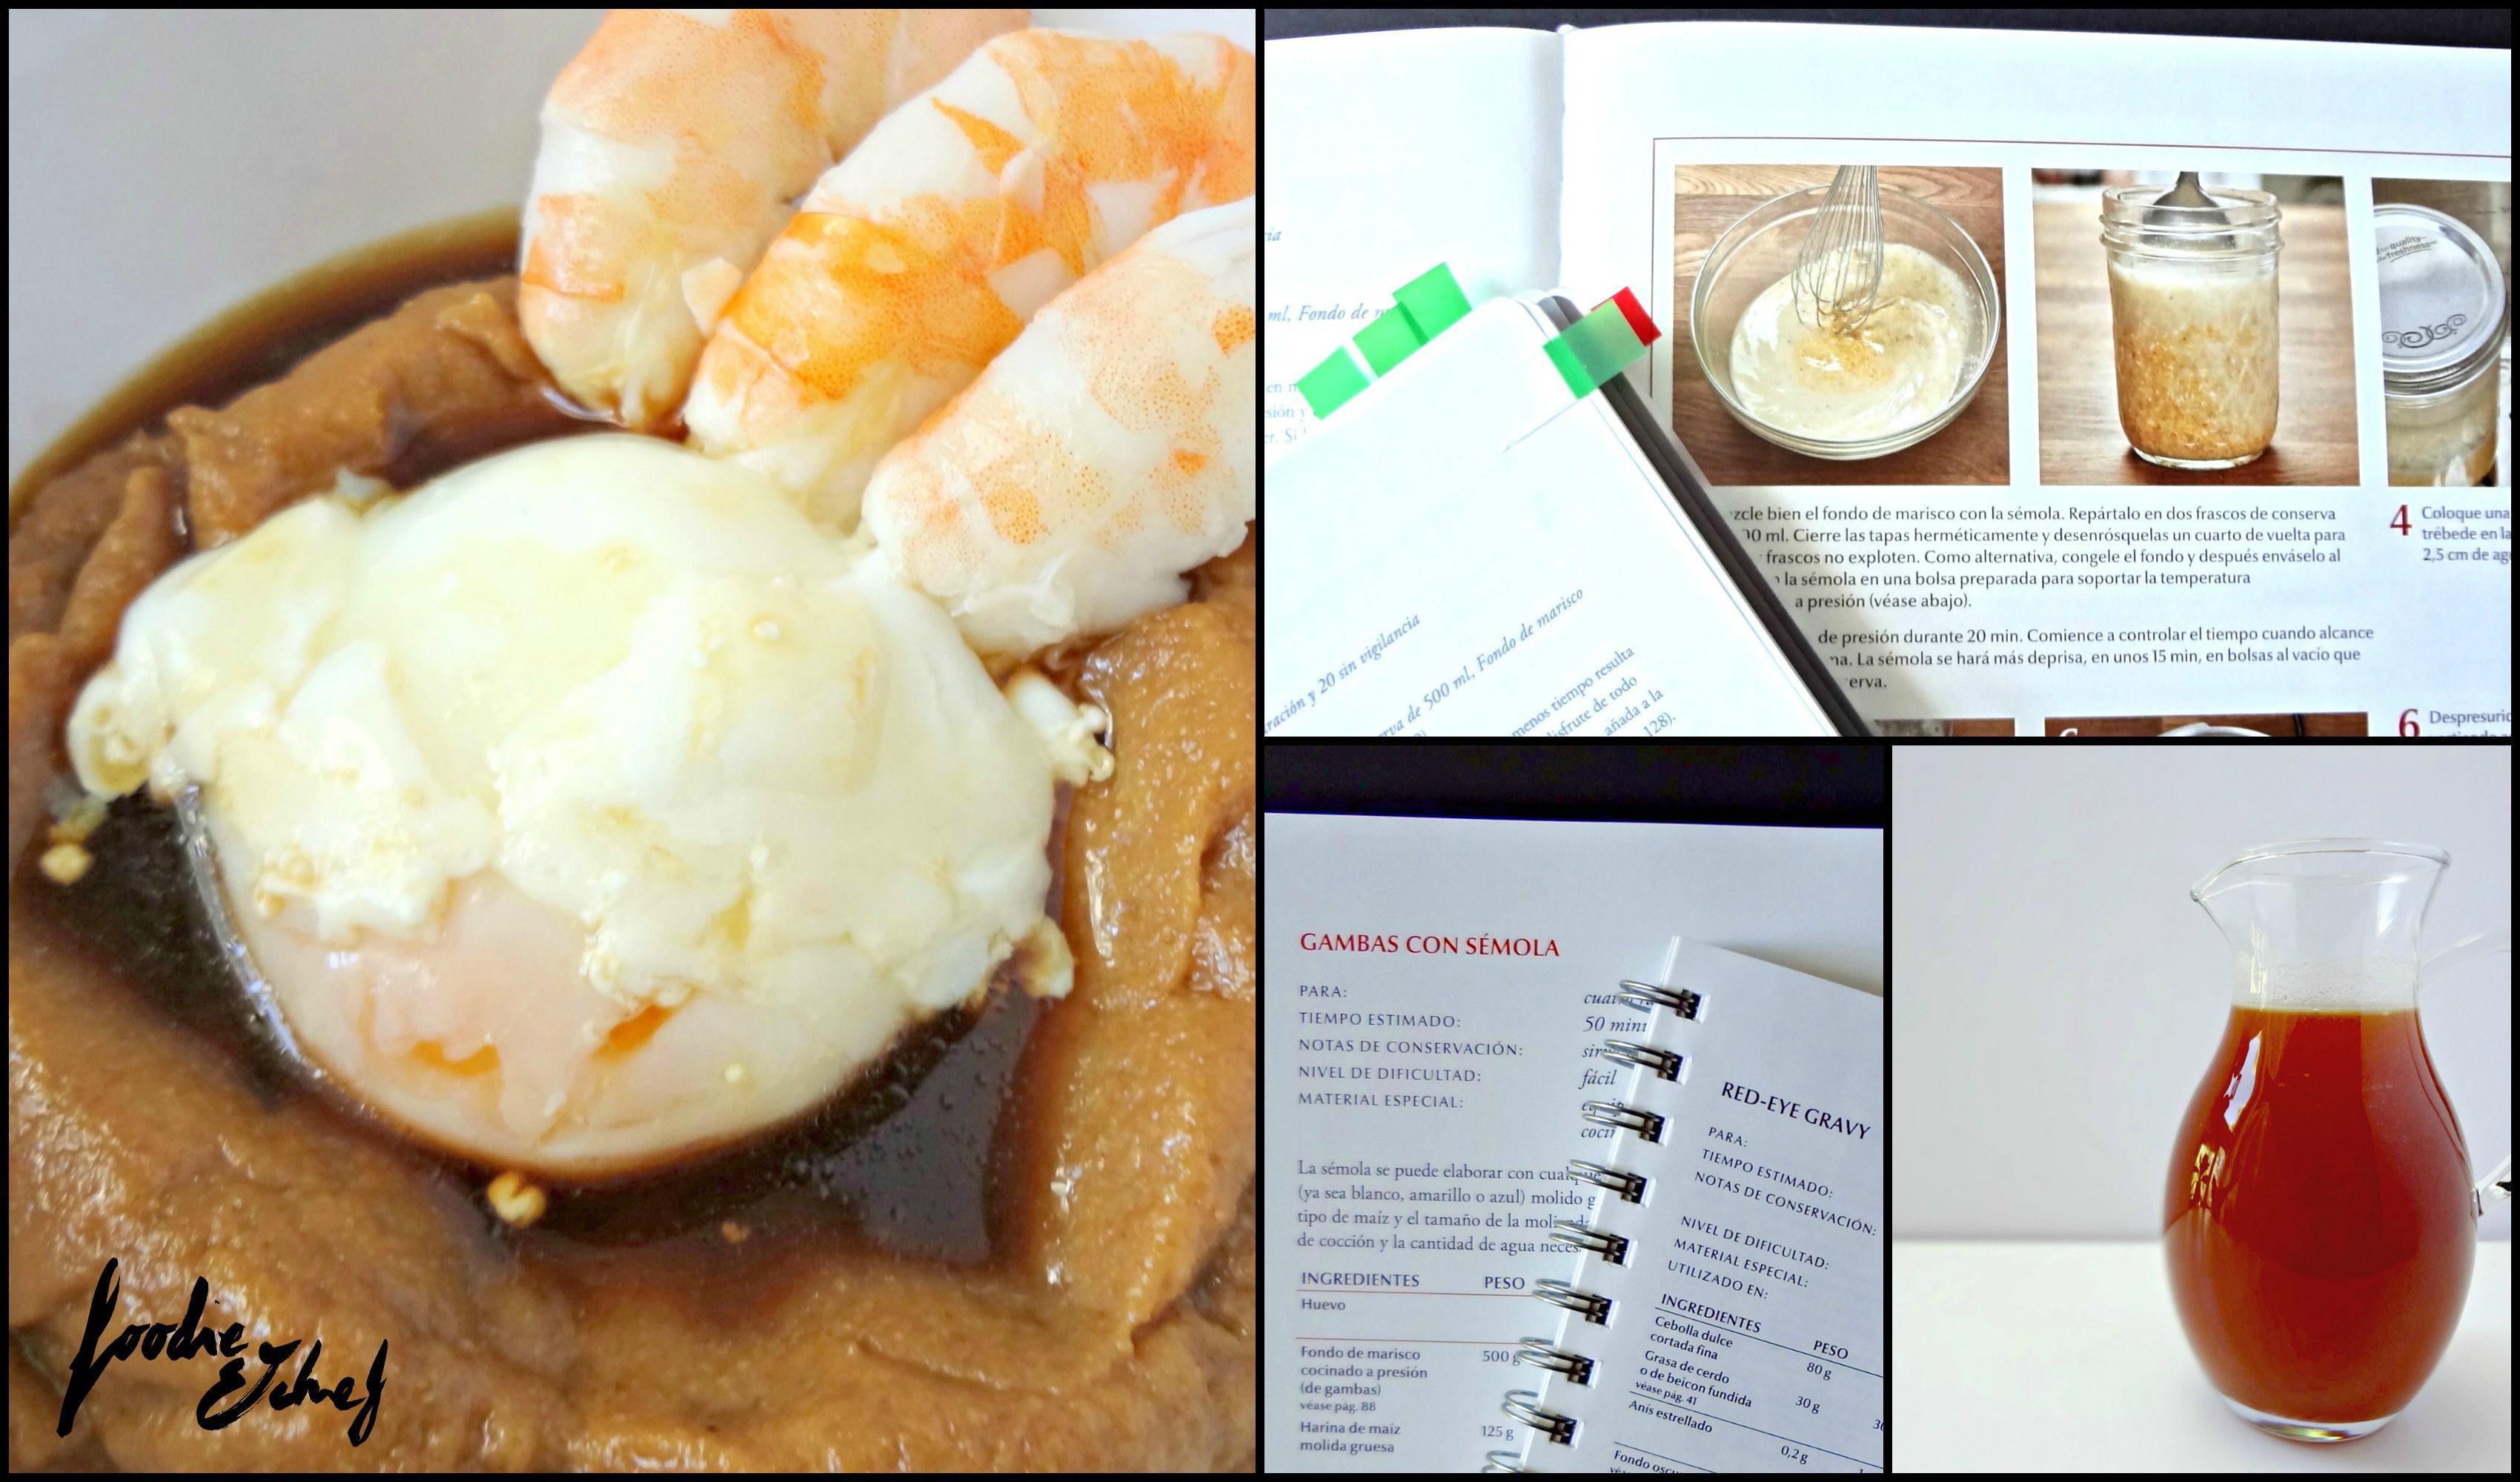 Sémola con gambas y huevo a baja temperatura, extractos del libro y cuadernillo y fondo de carne - by BeaChan